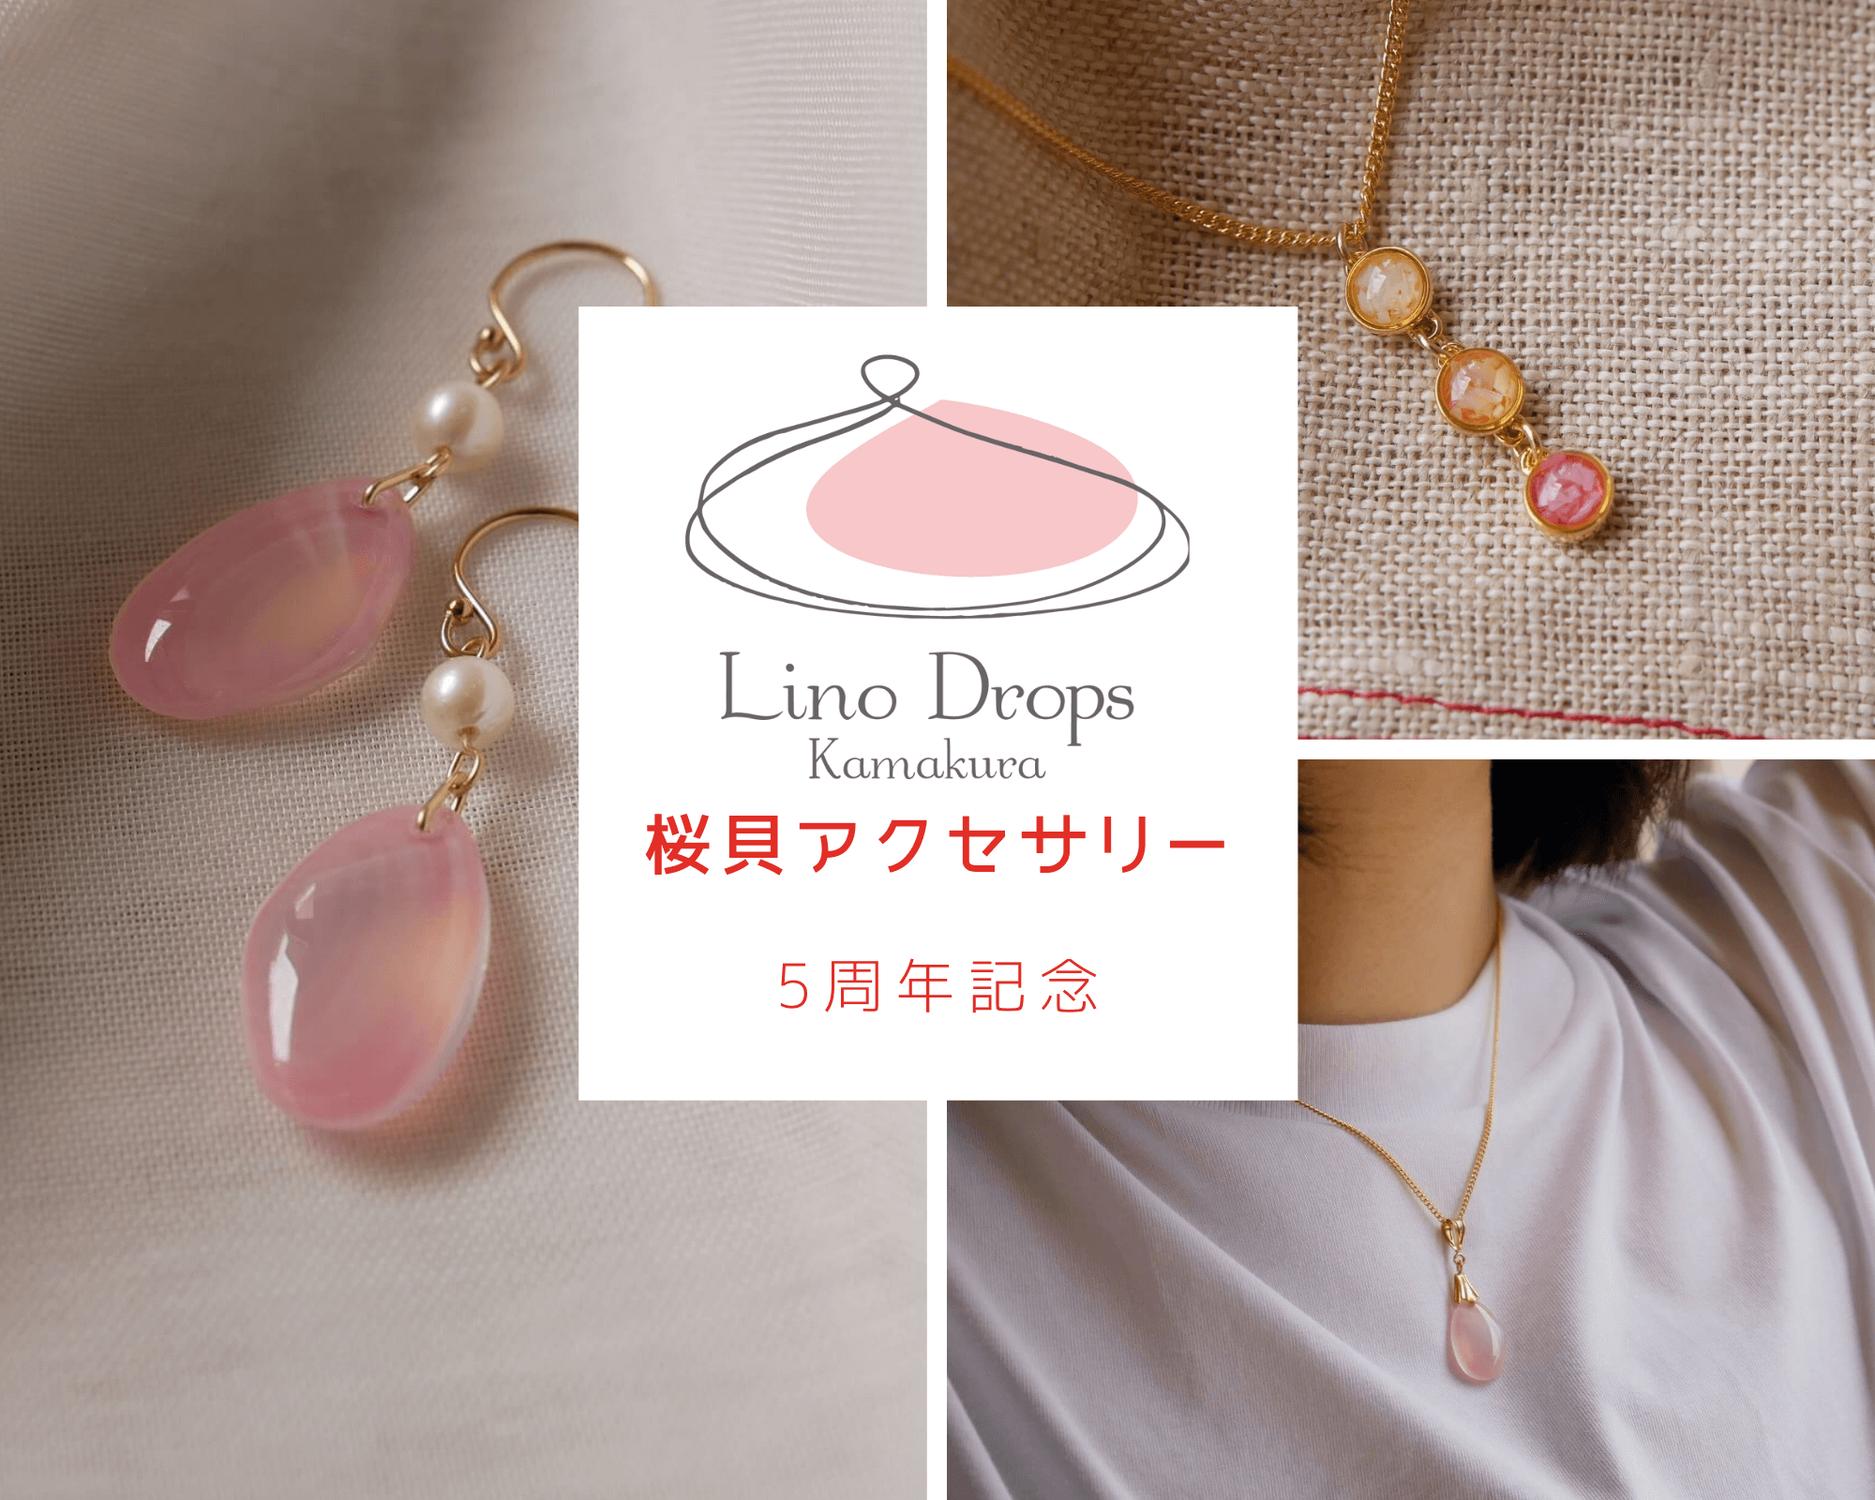 5thシークレットオンラインキャンペーン   鎌倉の桜貝アクセサリー専門店